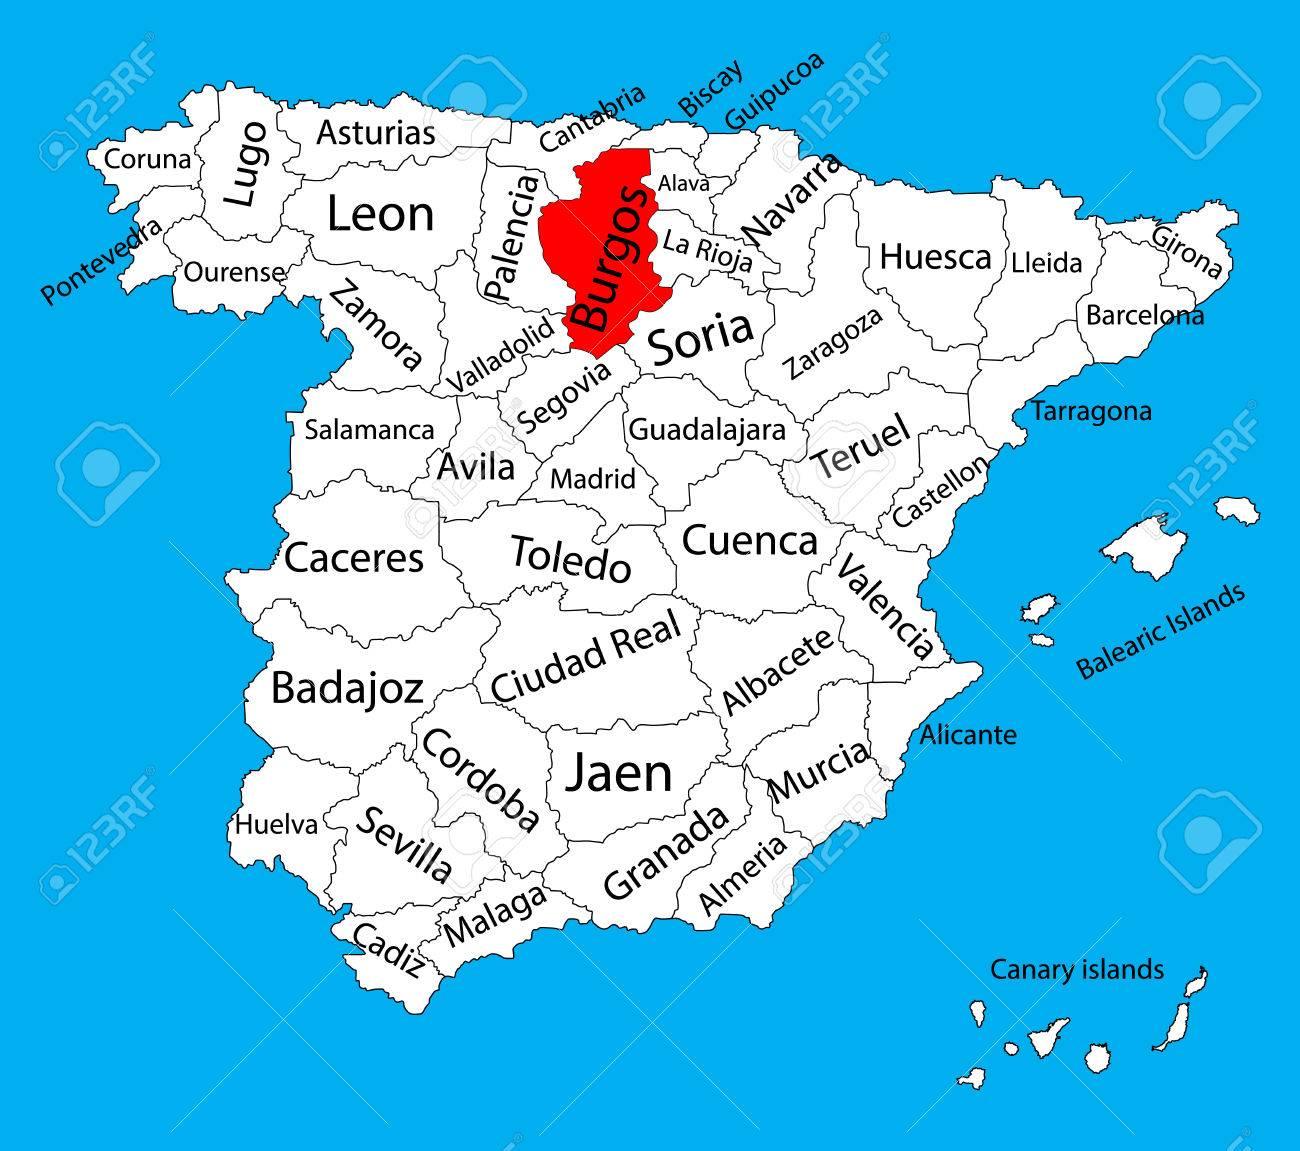 Mapa-burgos-Curso-online-para-conocer-España